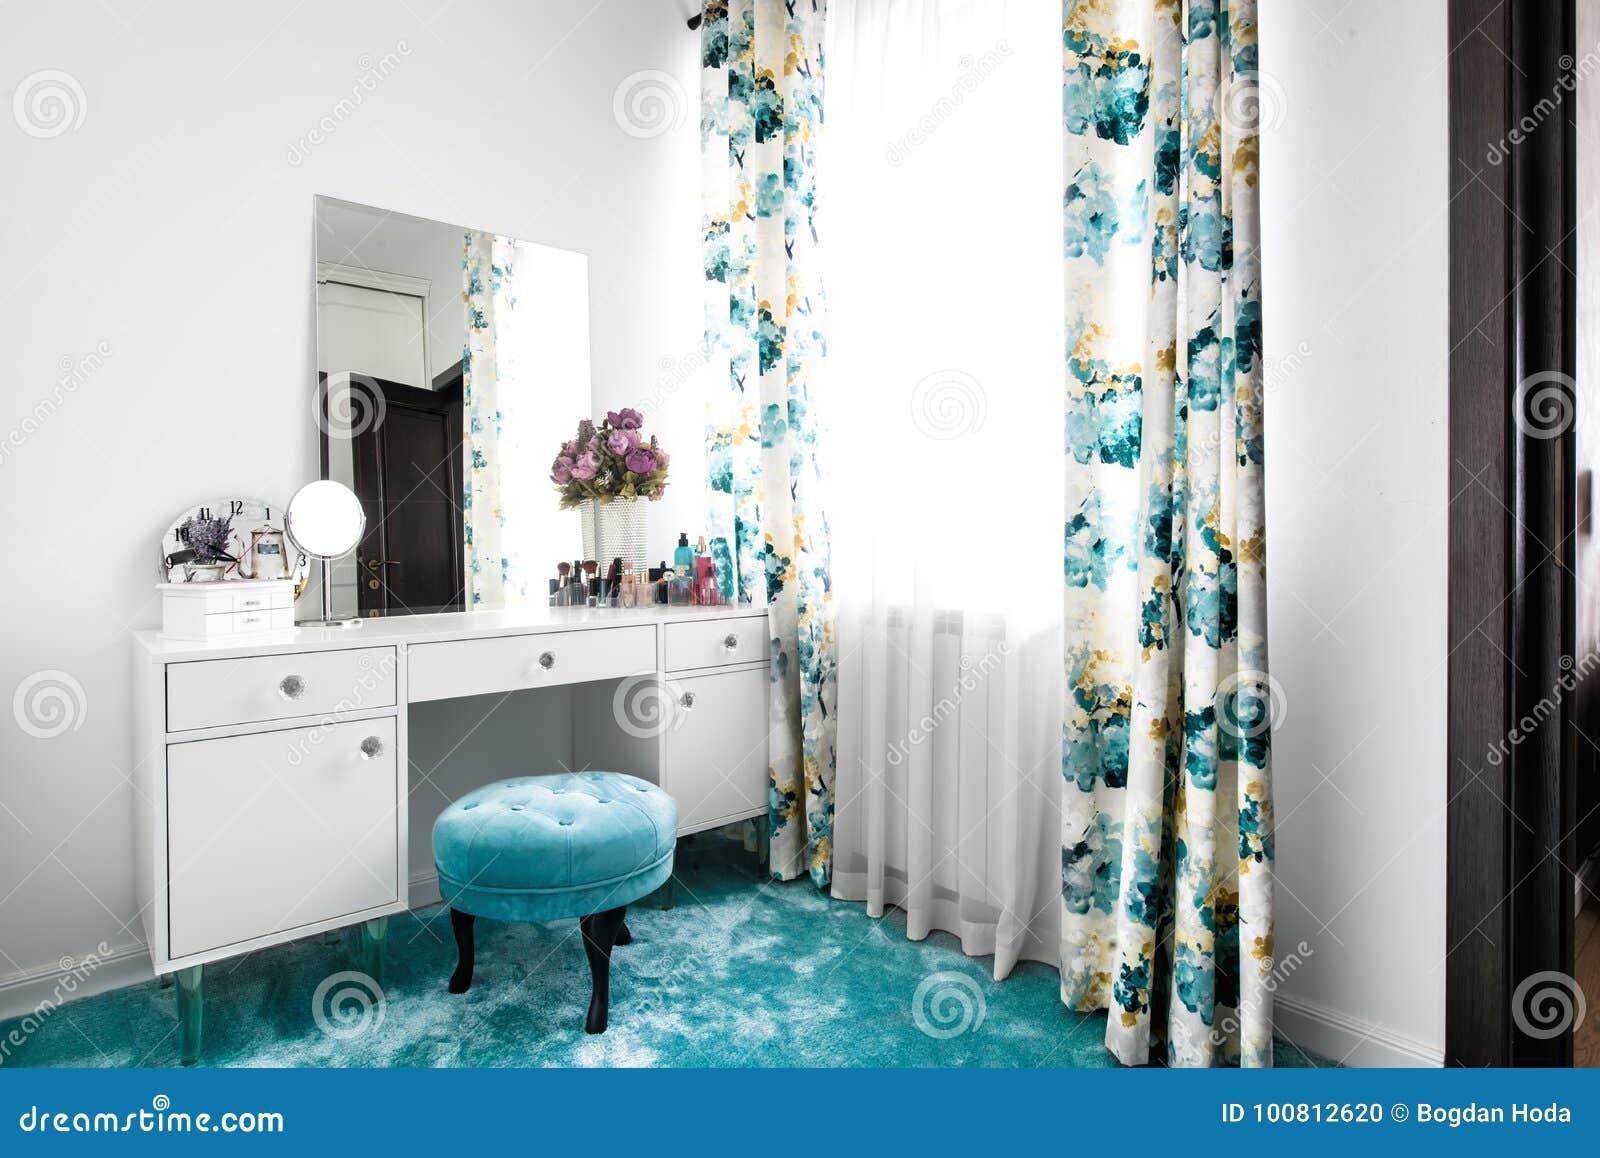 Moderne toilette interieur mit marmorboden und wände und zwei wand